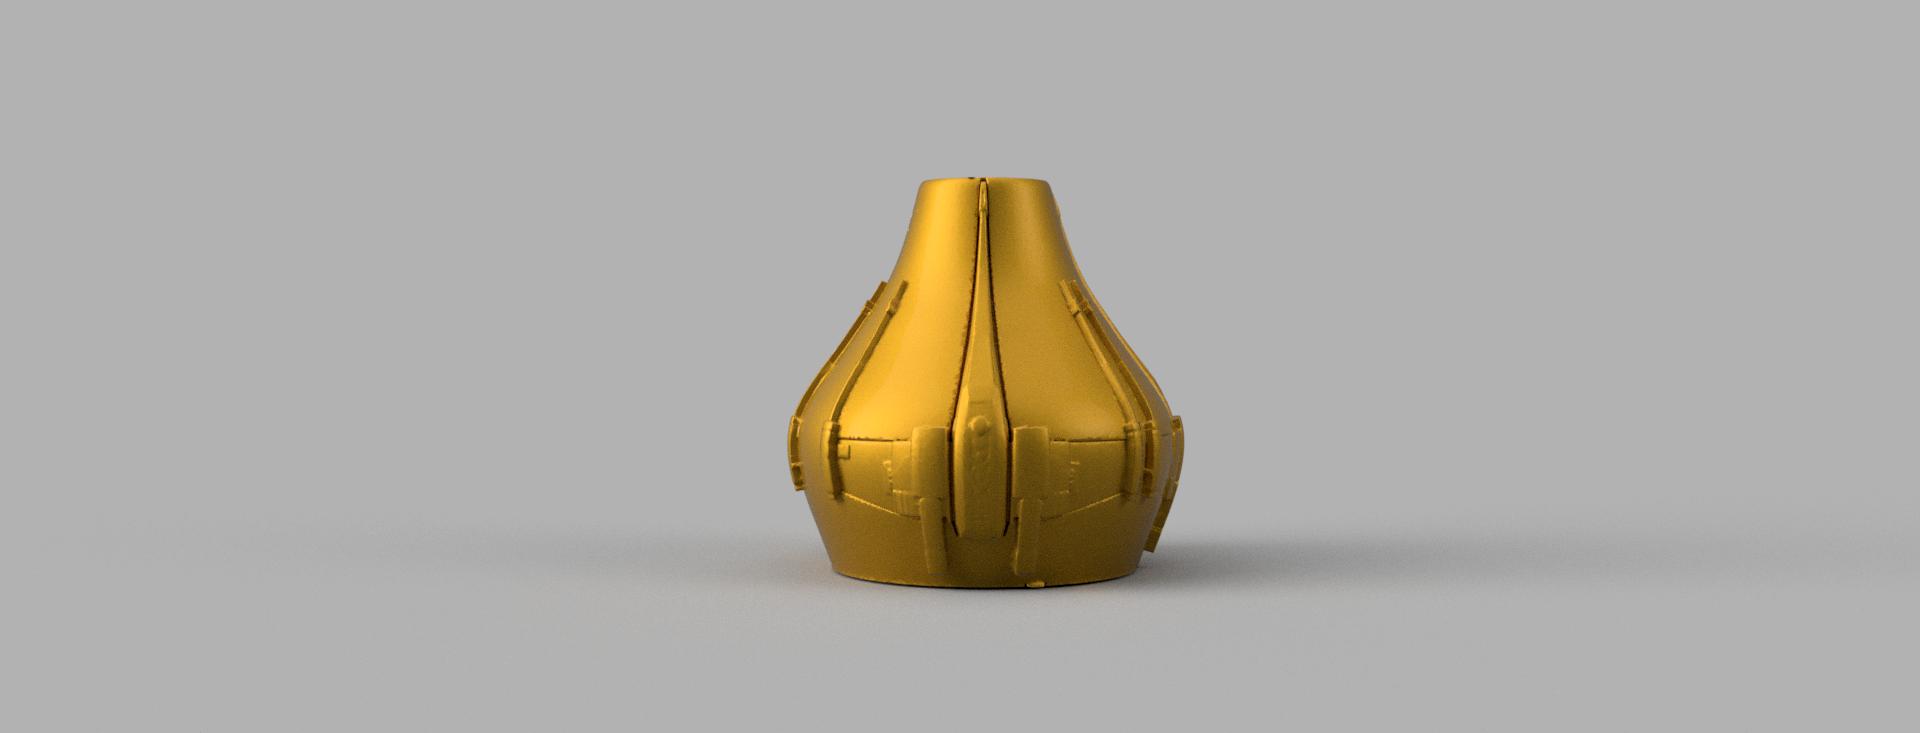 Vase xwing .png Télécharger fichier STL X86 Mini vase collection  • Objet imprimable en 3D, motek